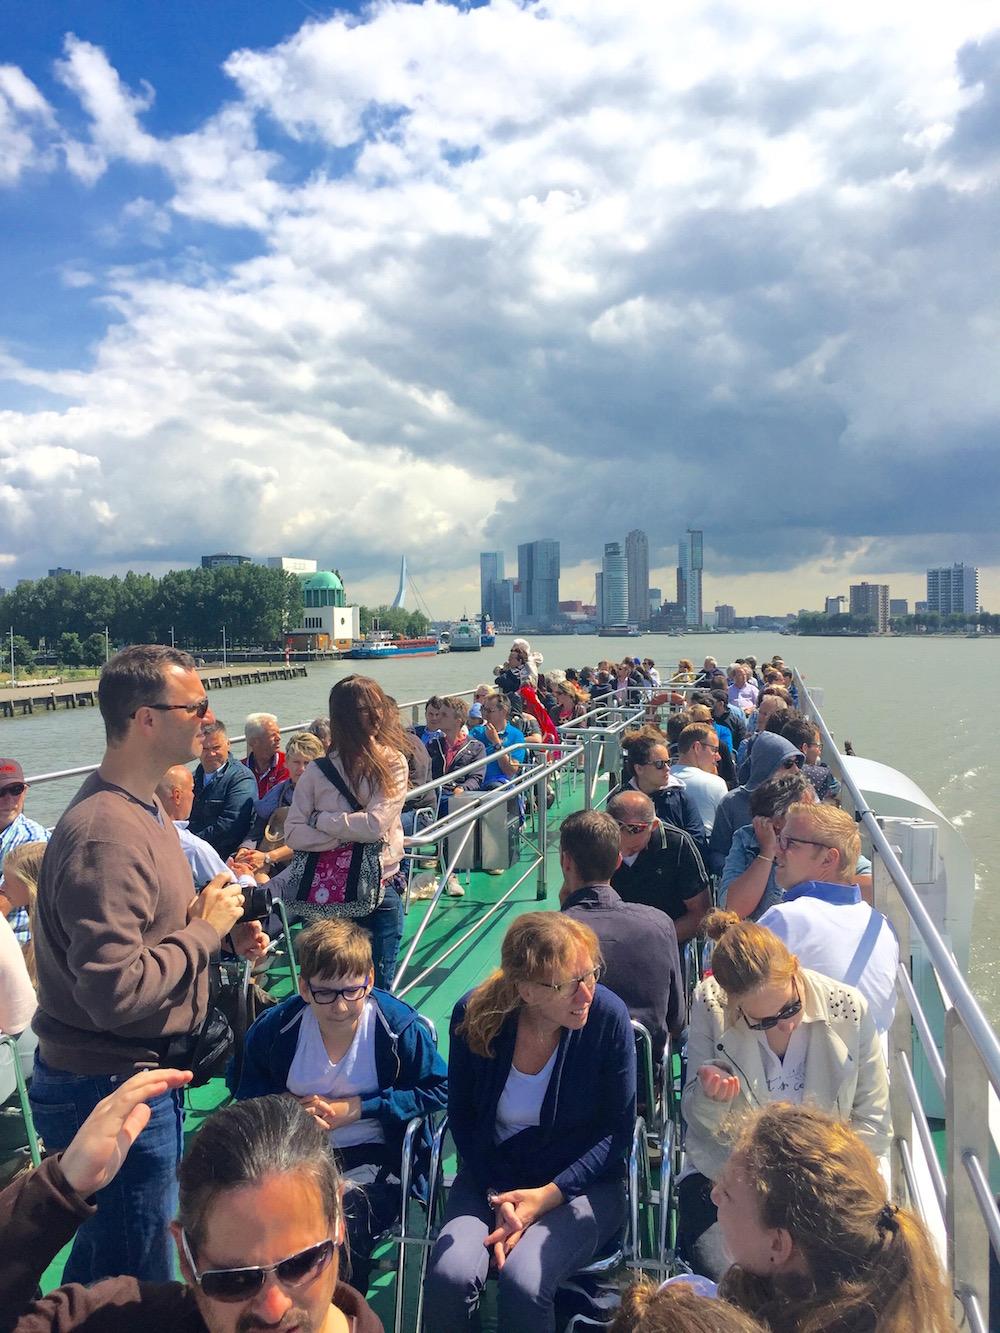 Eine Rotterdam-Hafenrundfahrt bietet einen herrlichen Blick auf die Skyline